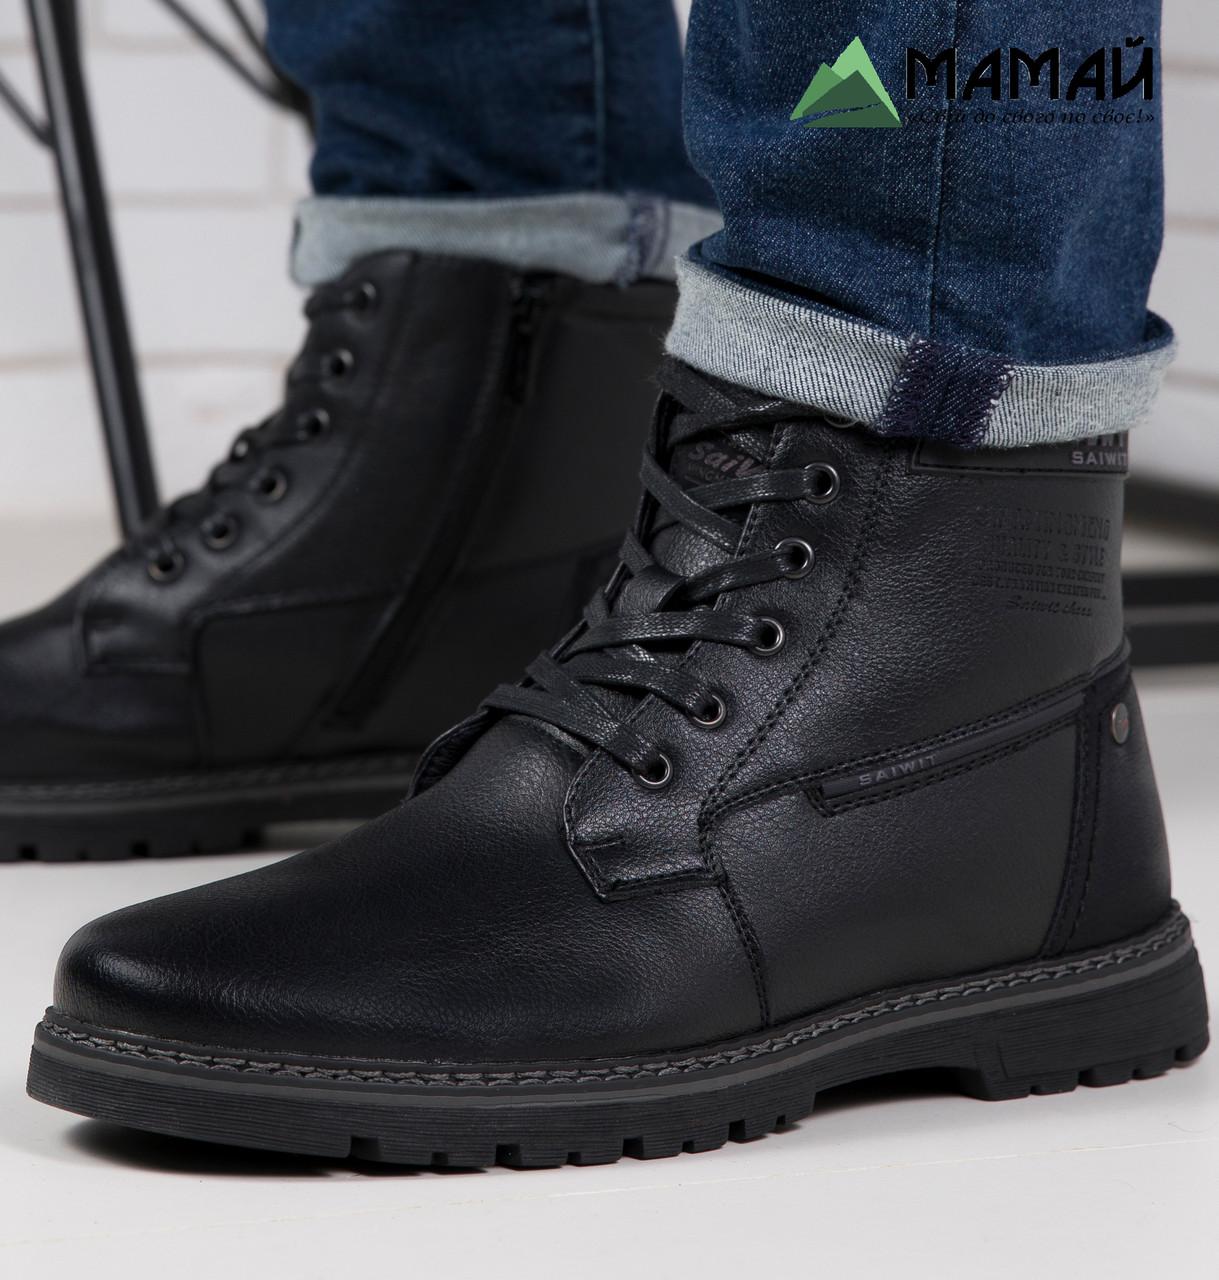 Ботинки мужские зимние на меху -20 °C 45р